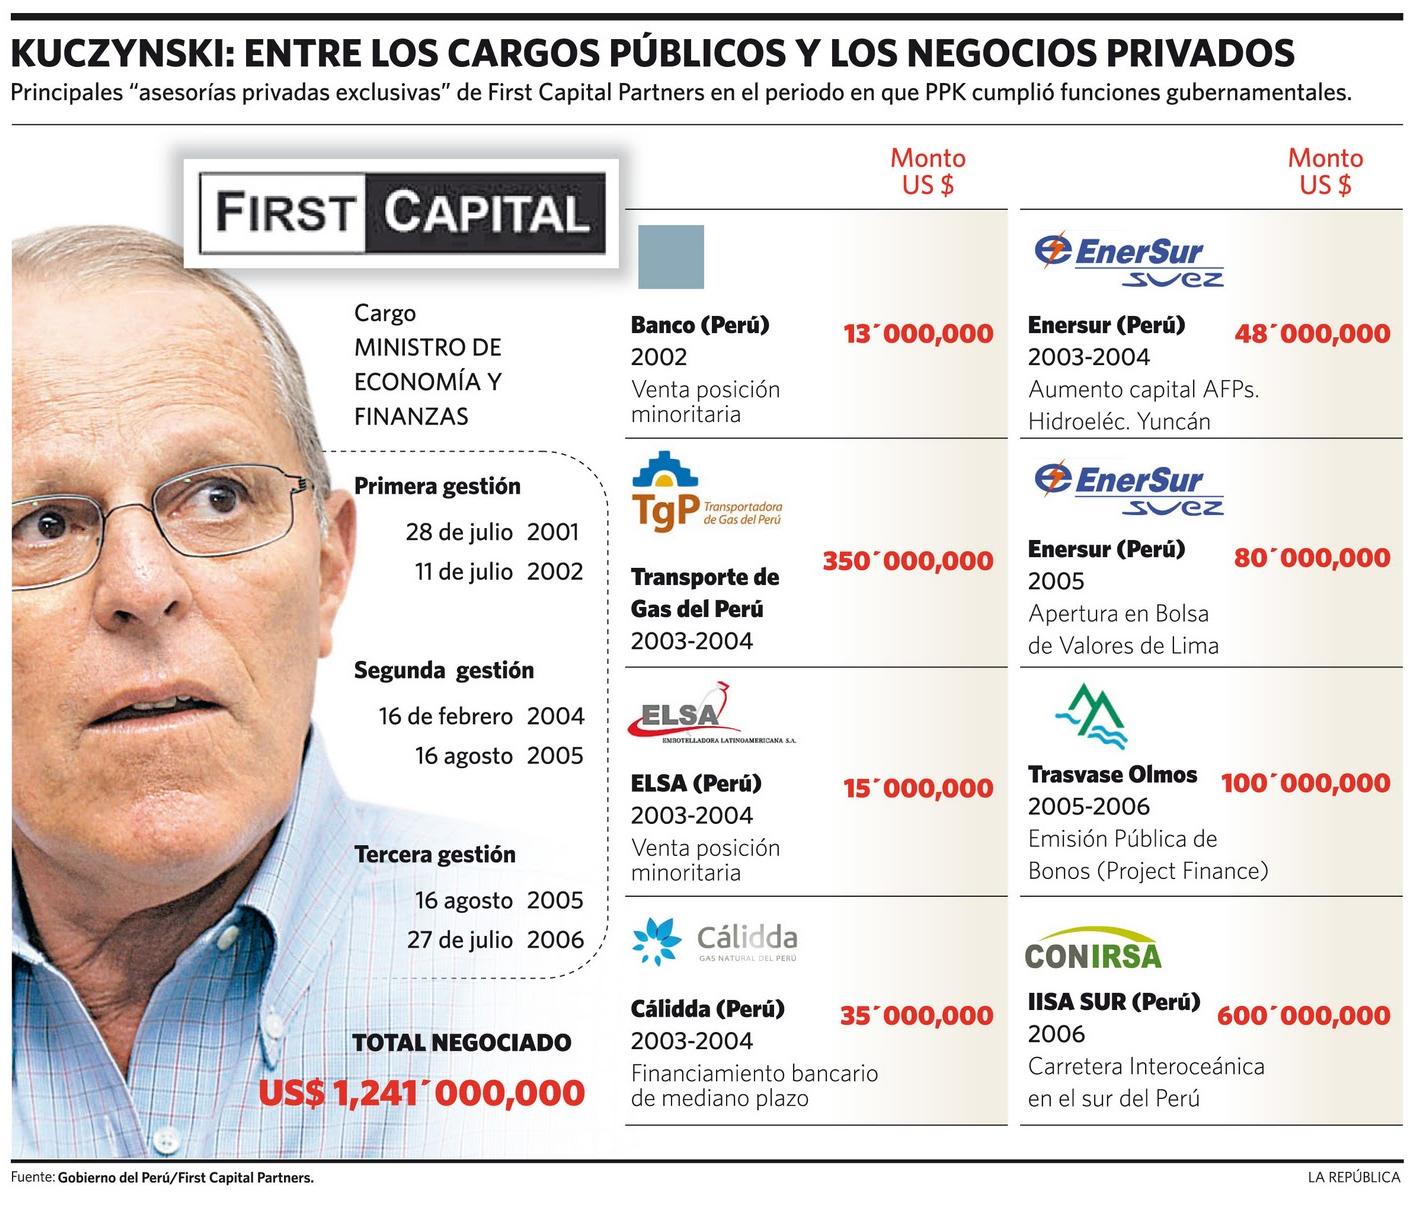 Infografía: Diario La República